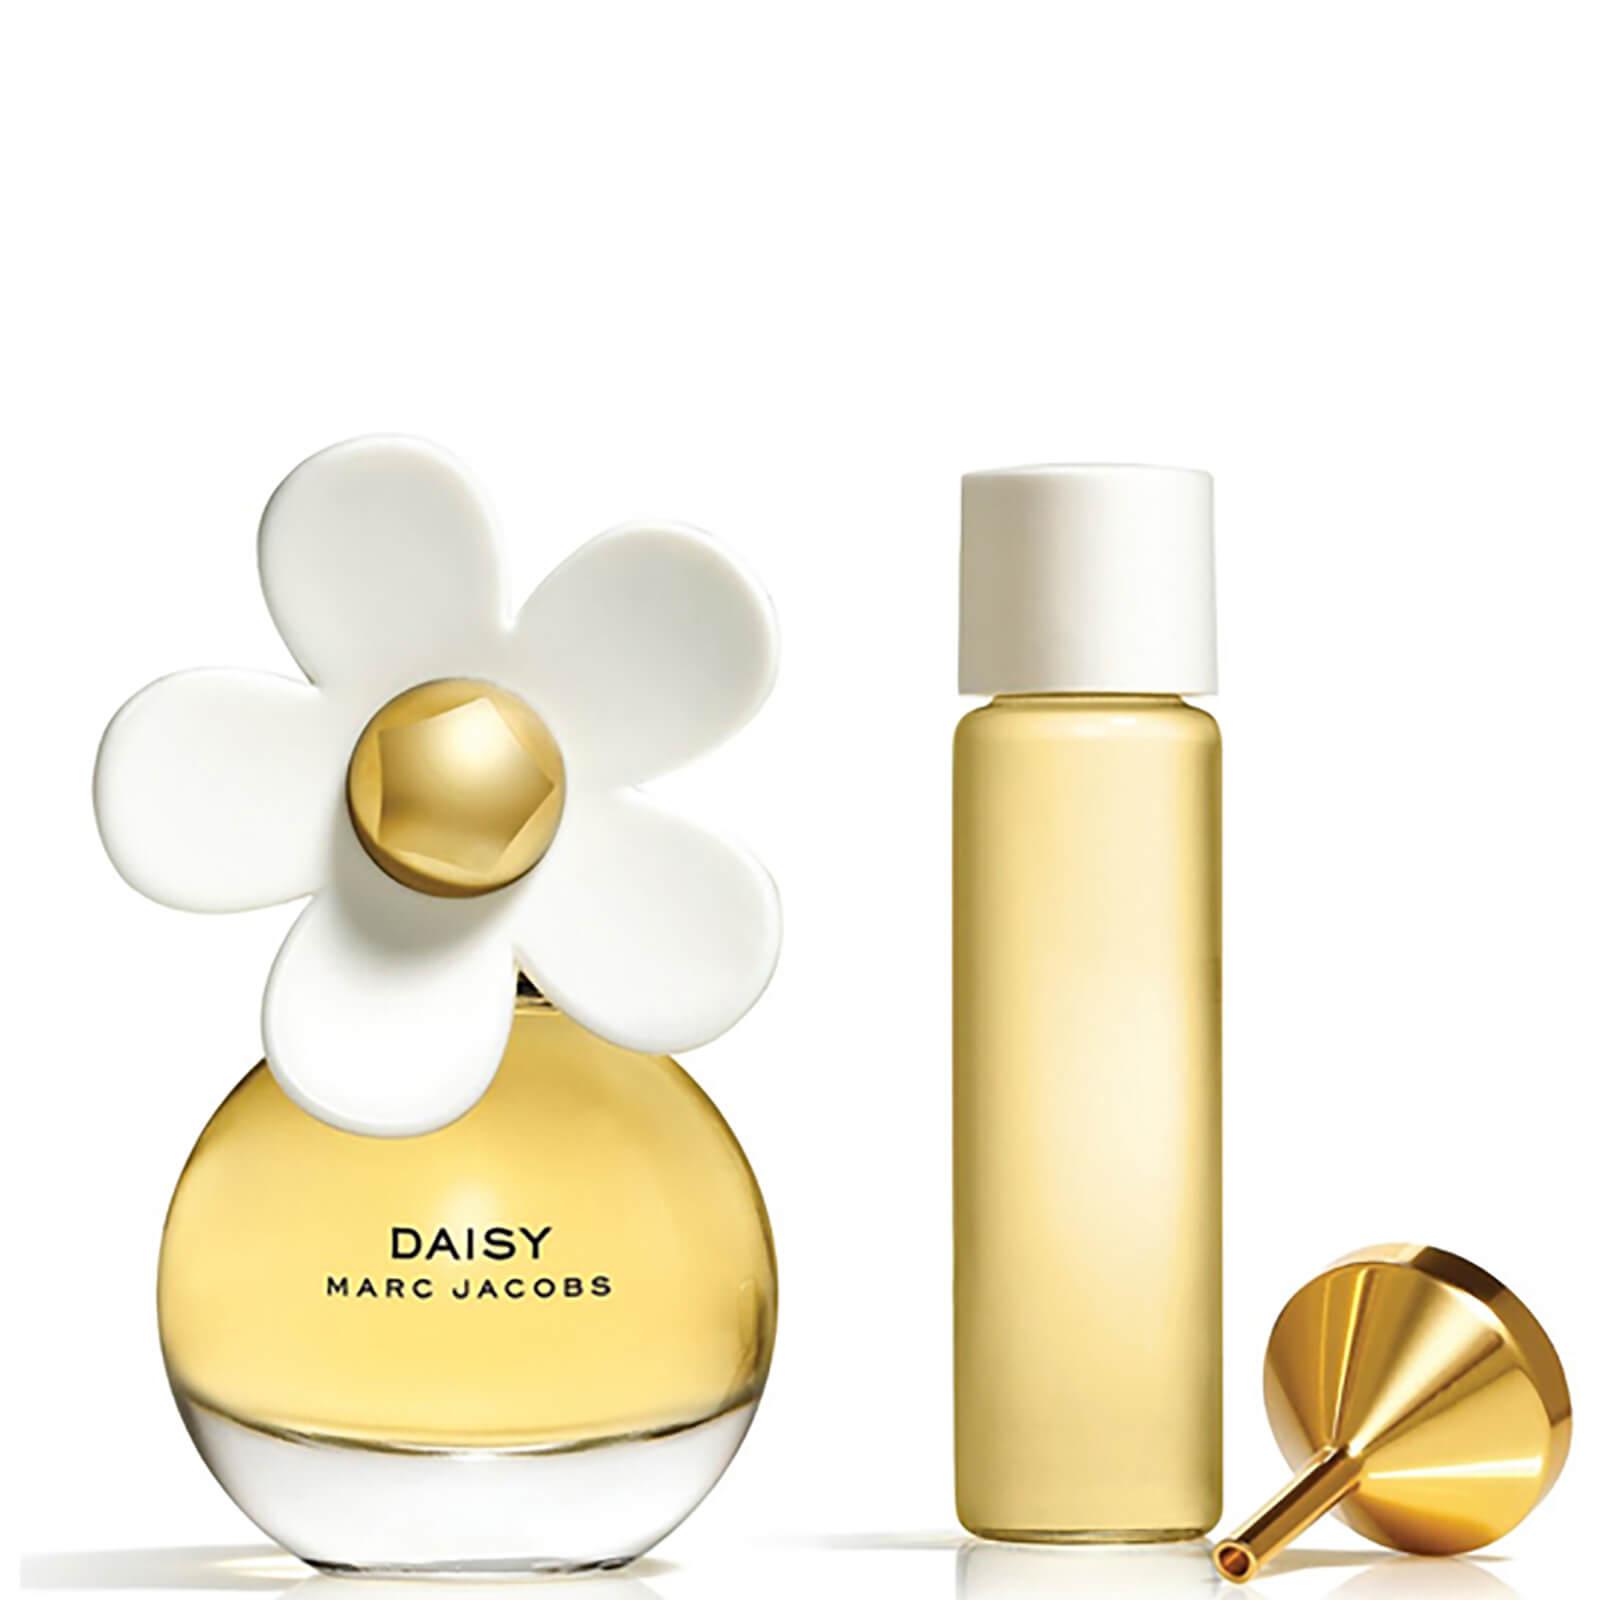 Marc Jacobs Spray de bolsillo Daisy de Marc Jacobs (20 ml)